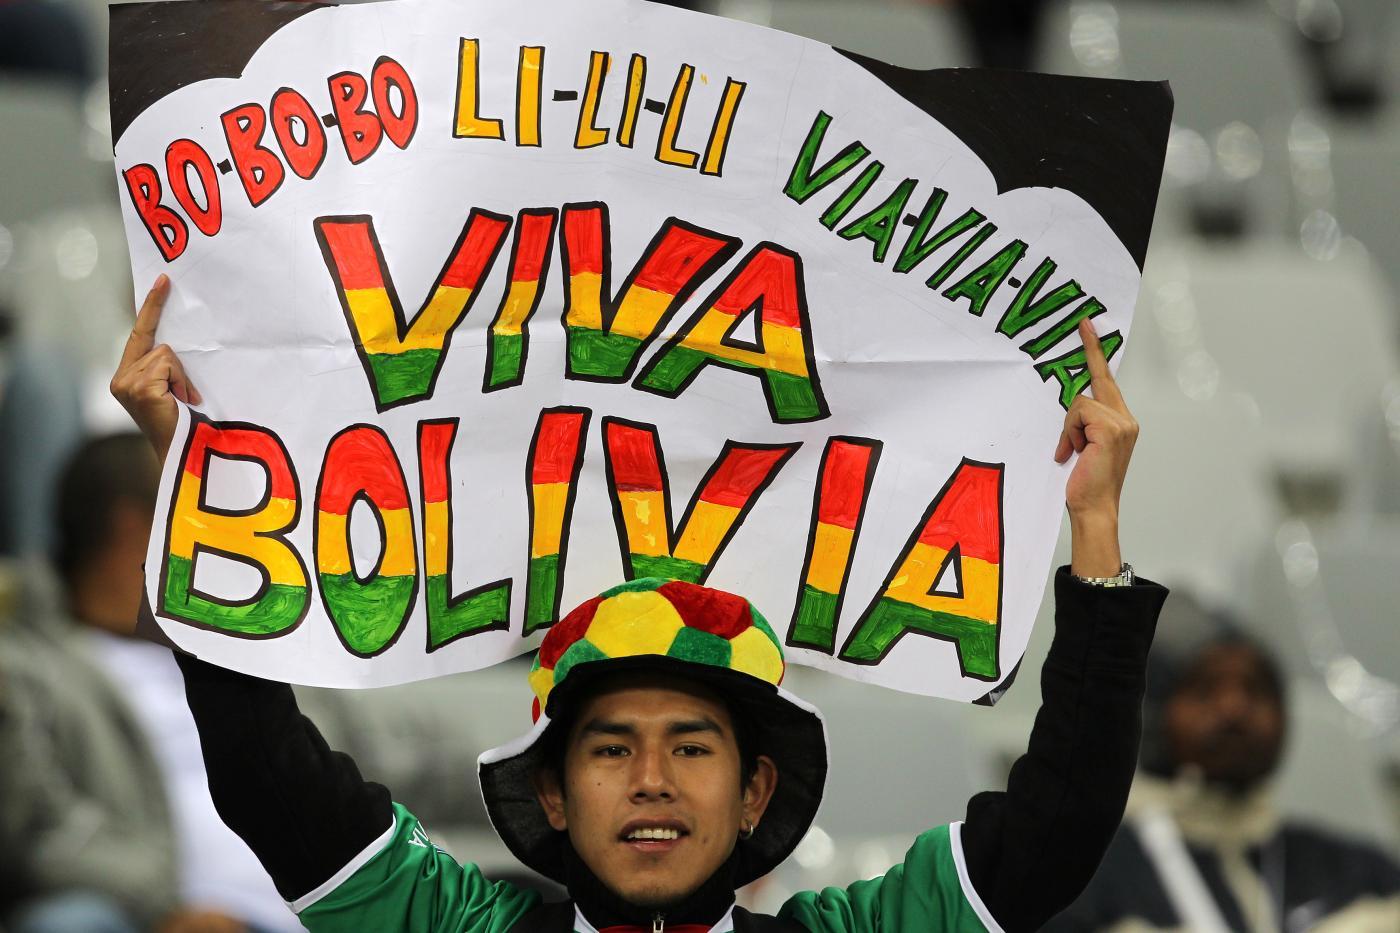 Bolivia Division Profesional: J. Wilstermann a punteggio pieno